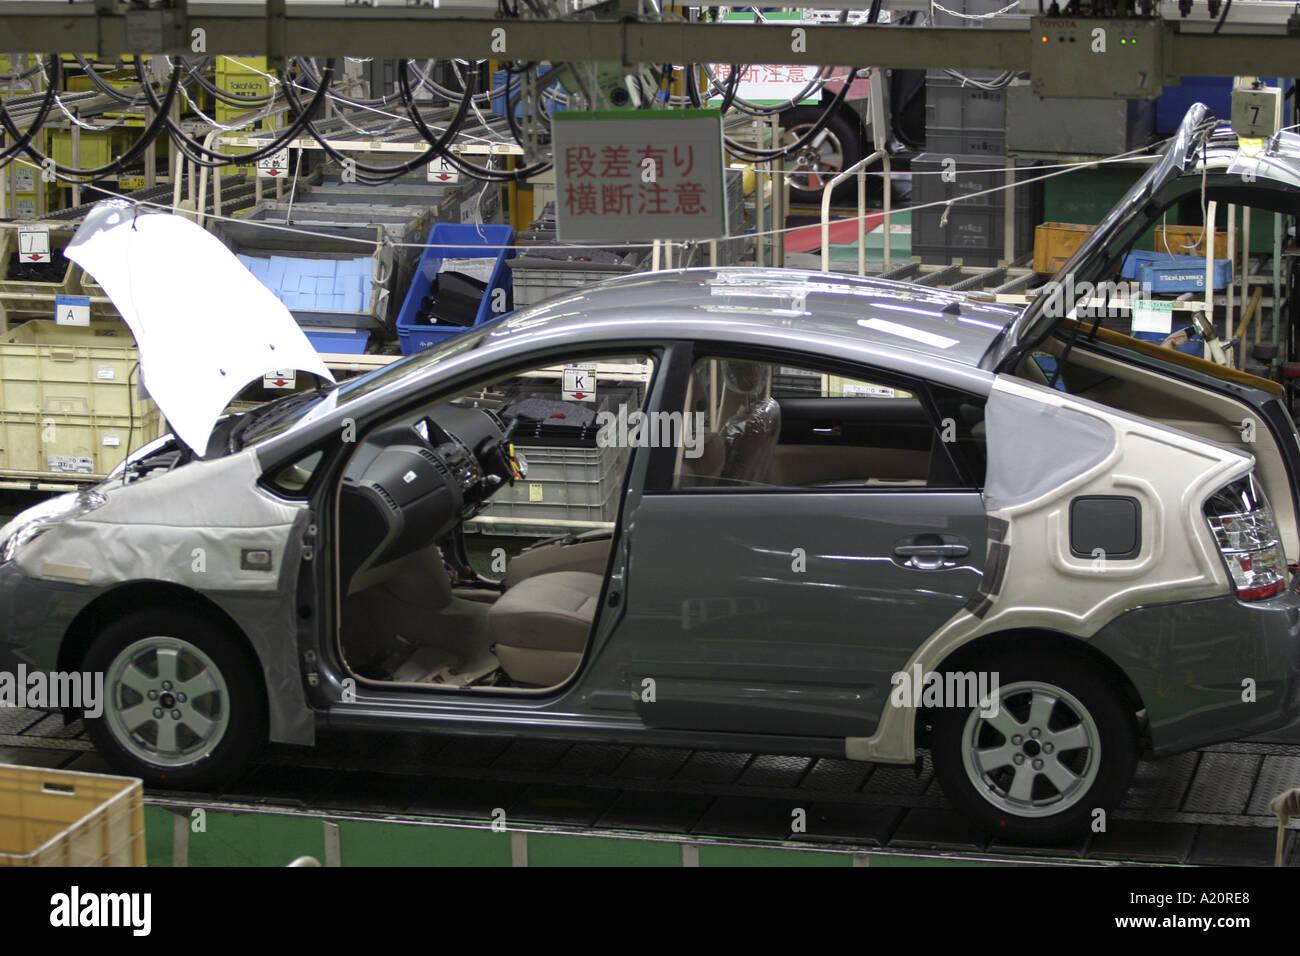 Une voiture hybride Toyota Prius en cours d'assemblage sur la chaîne de production à l'usine de Tsutsumi La Ville de Toyota, à Nagoya, Japon Photo Stock